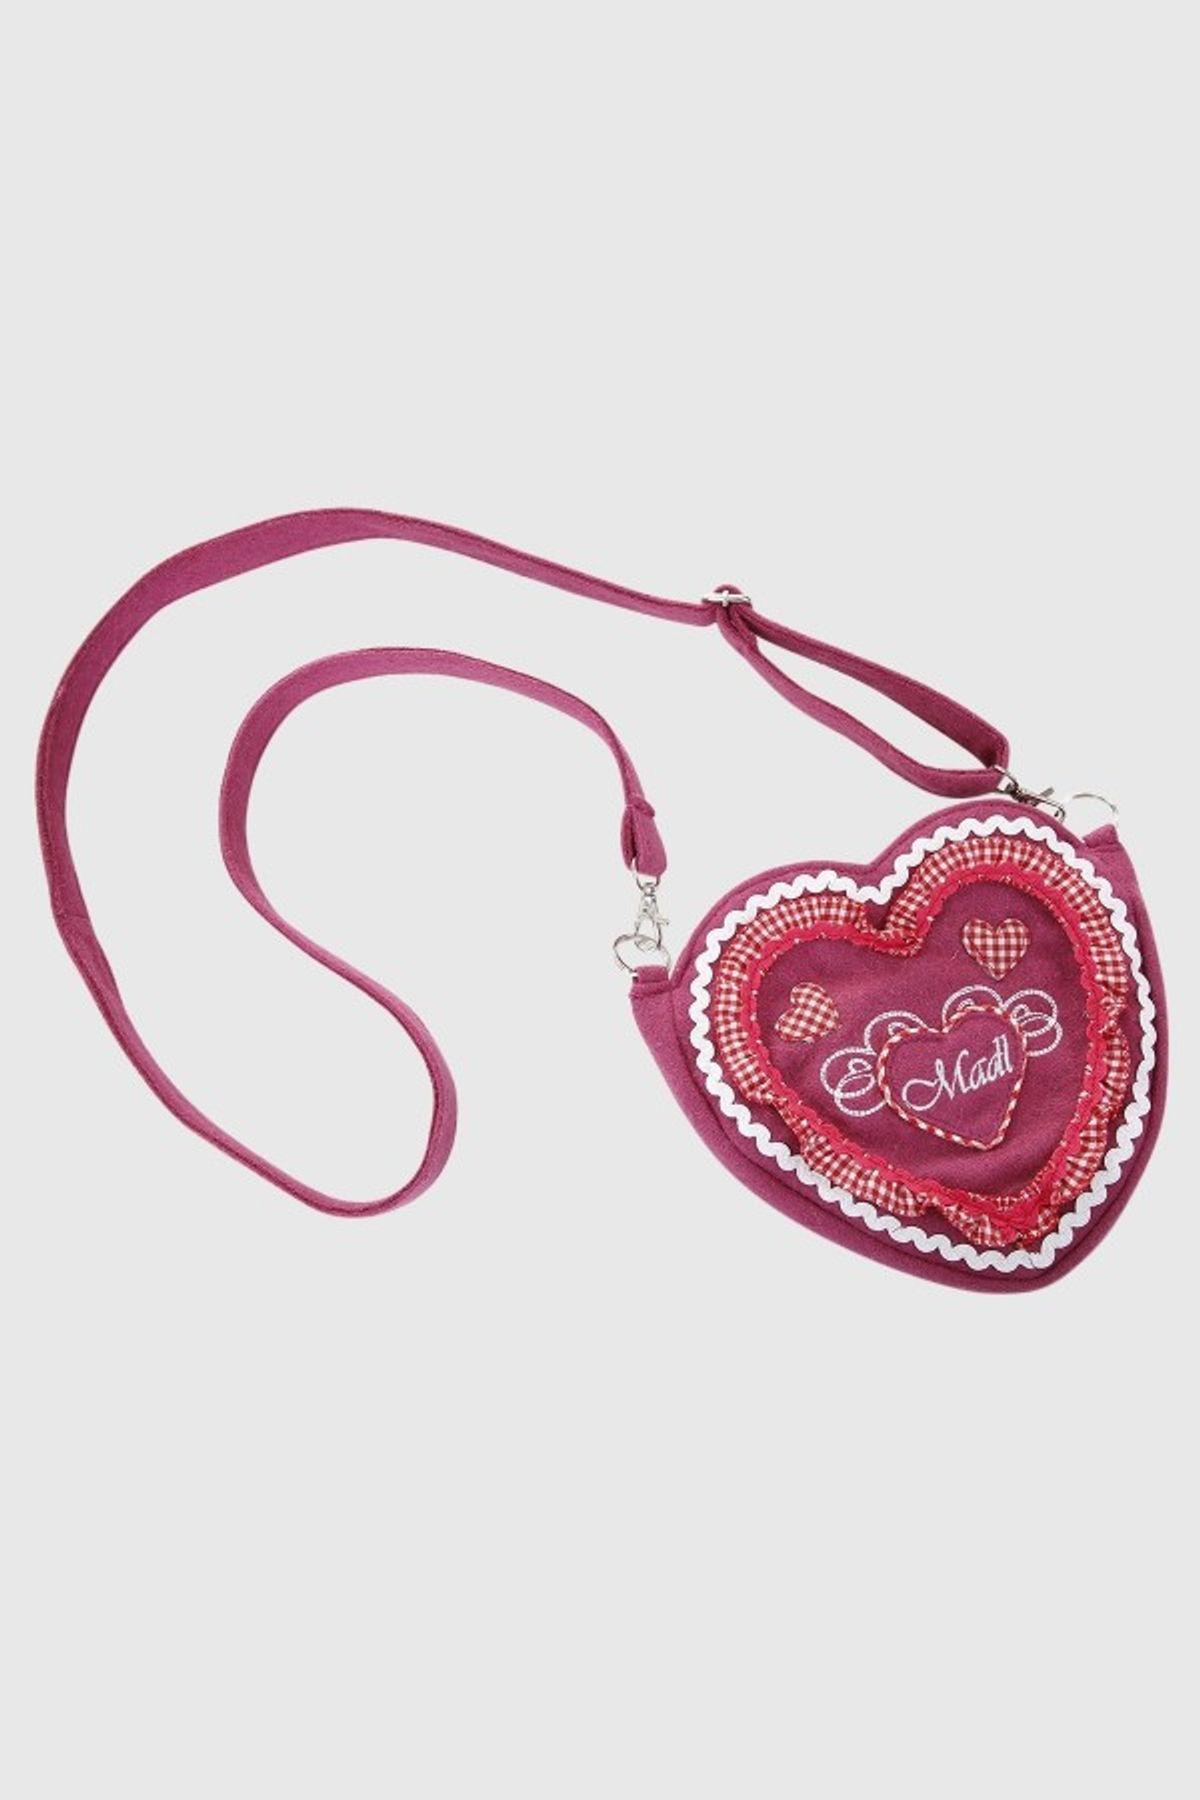 Krüger - Damen Trachtentasche in pink, Happiness (4740-35) – Bild 3